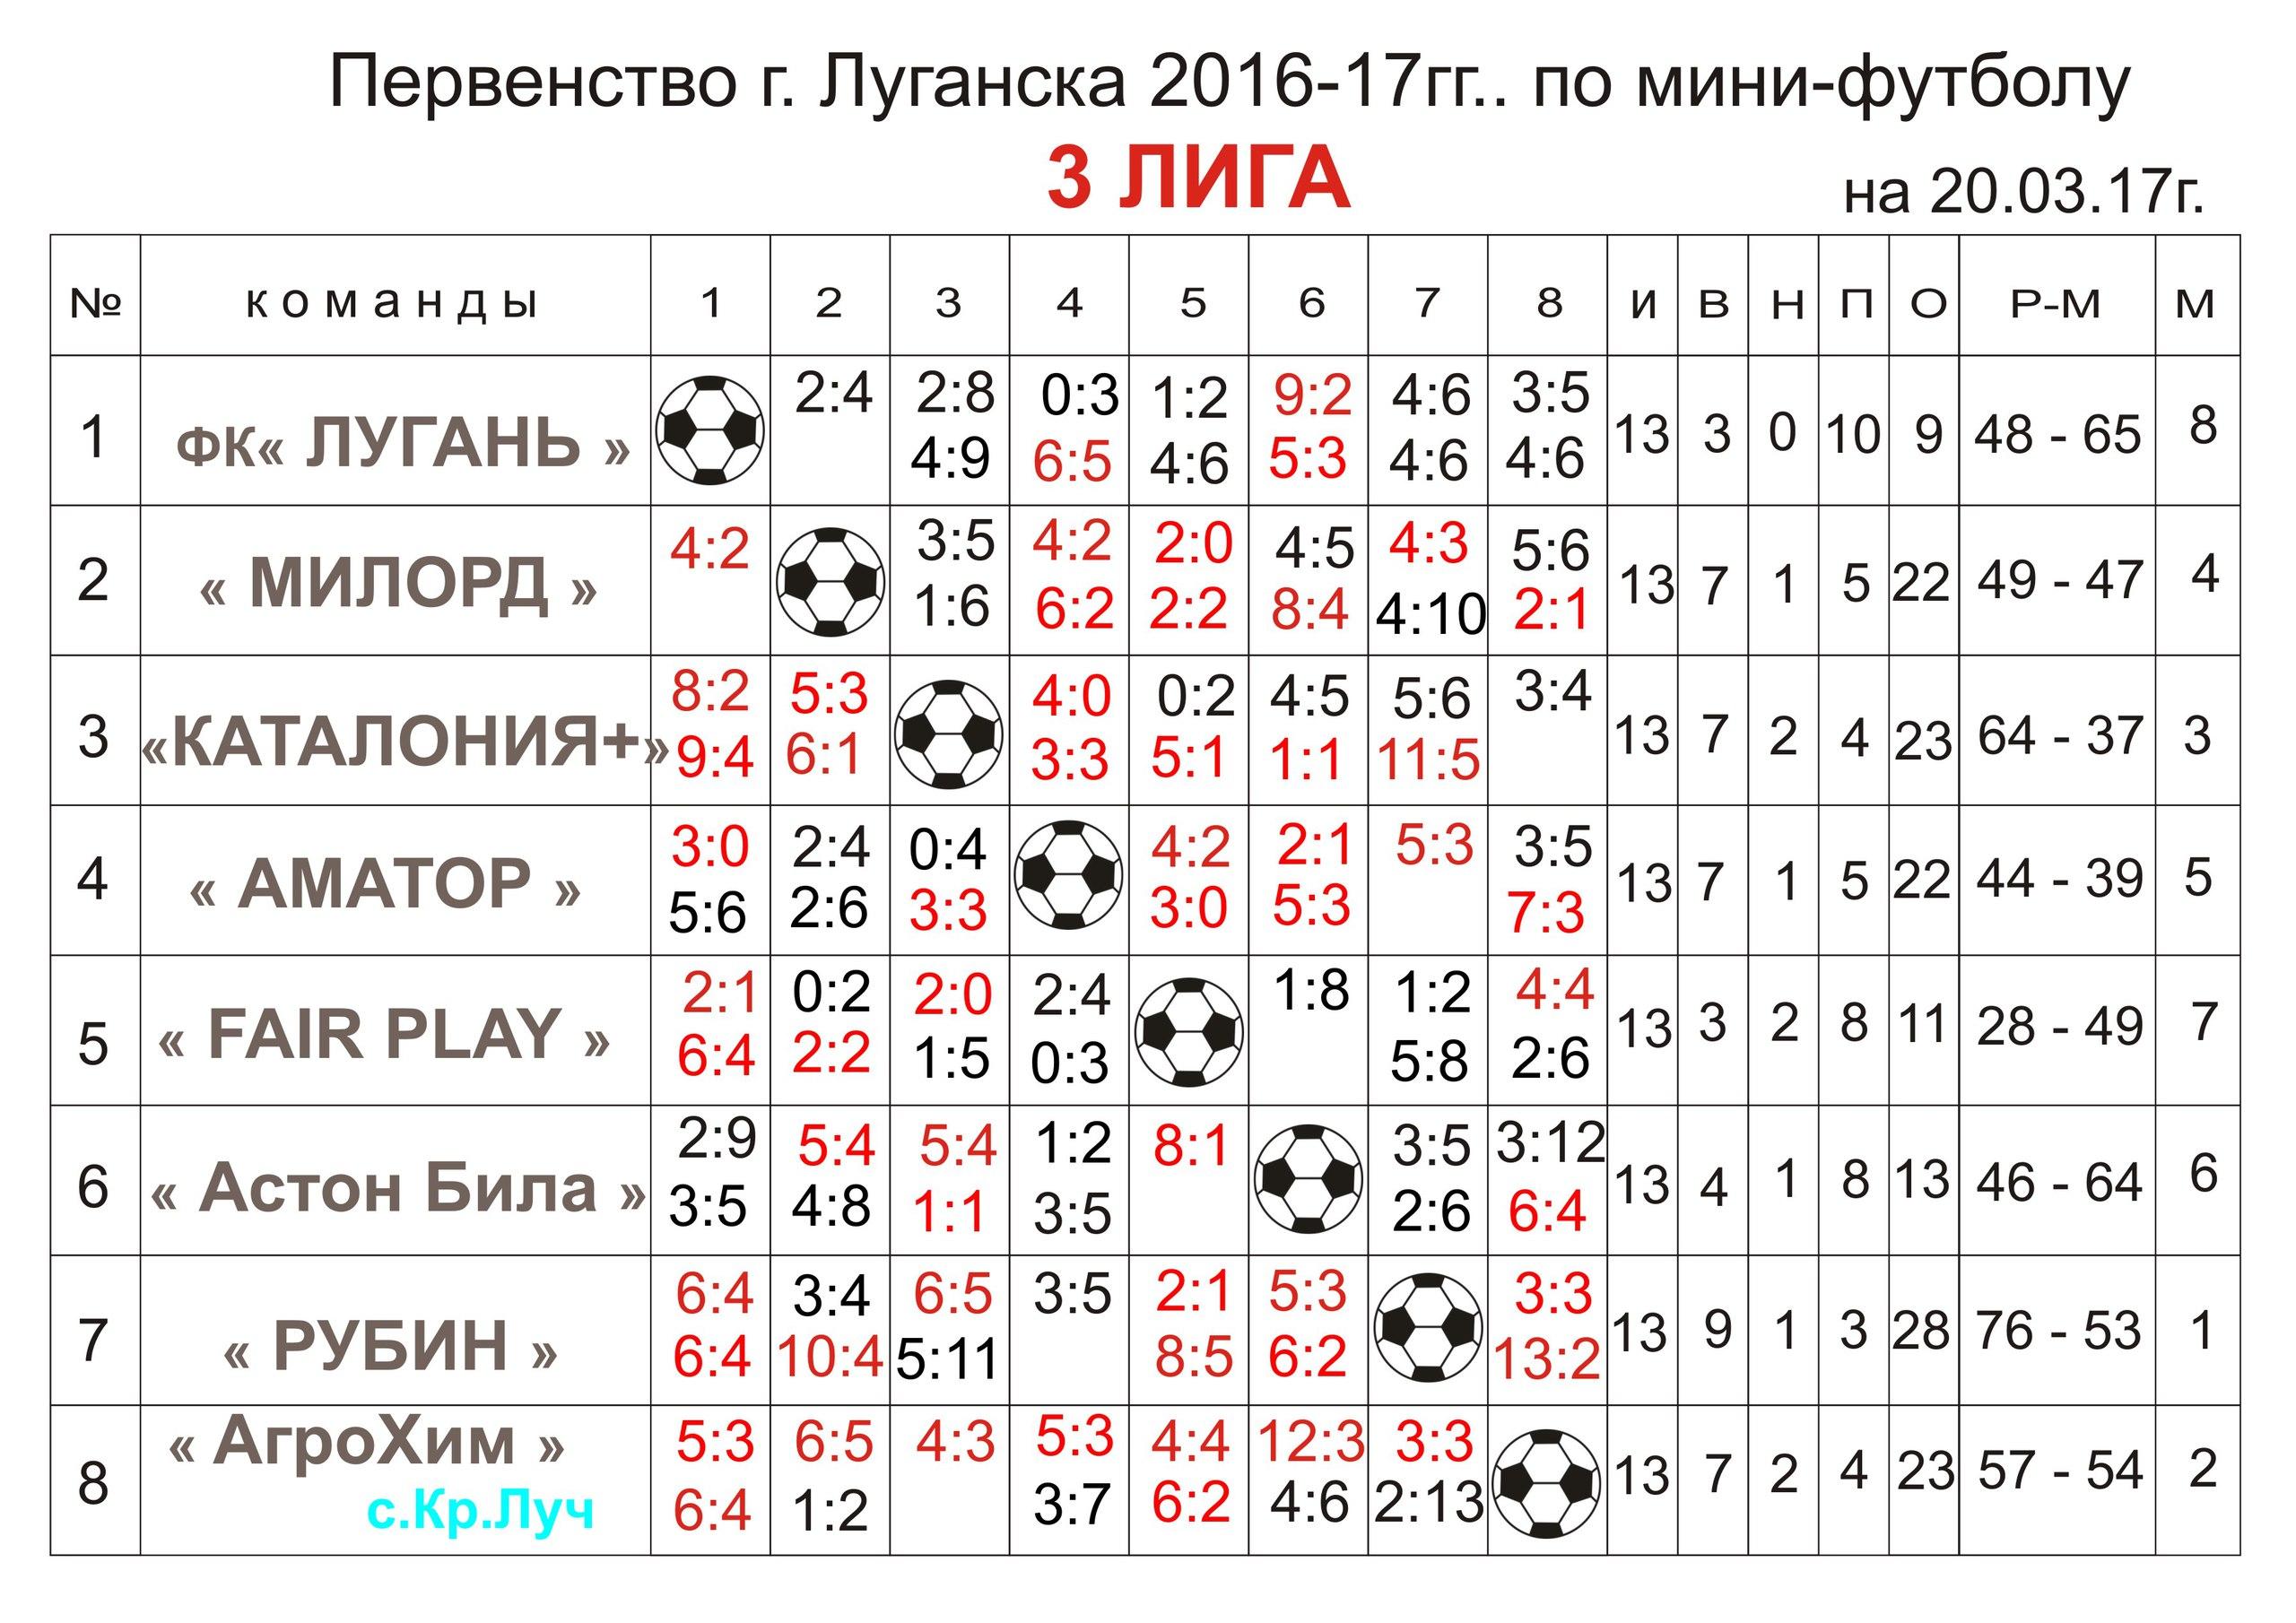 Первенство г.Луганска Третья лига